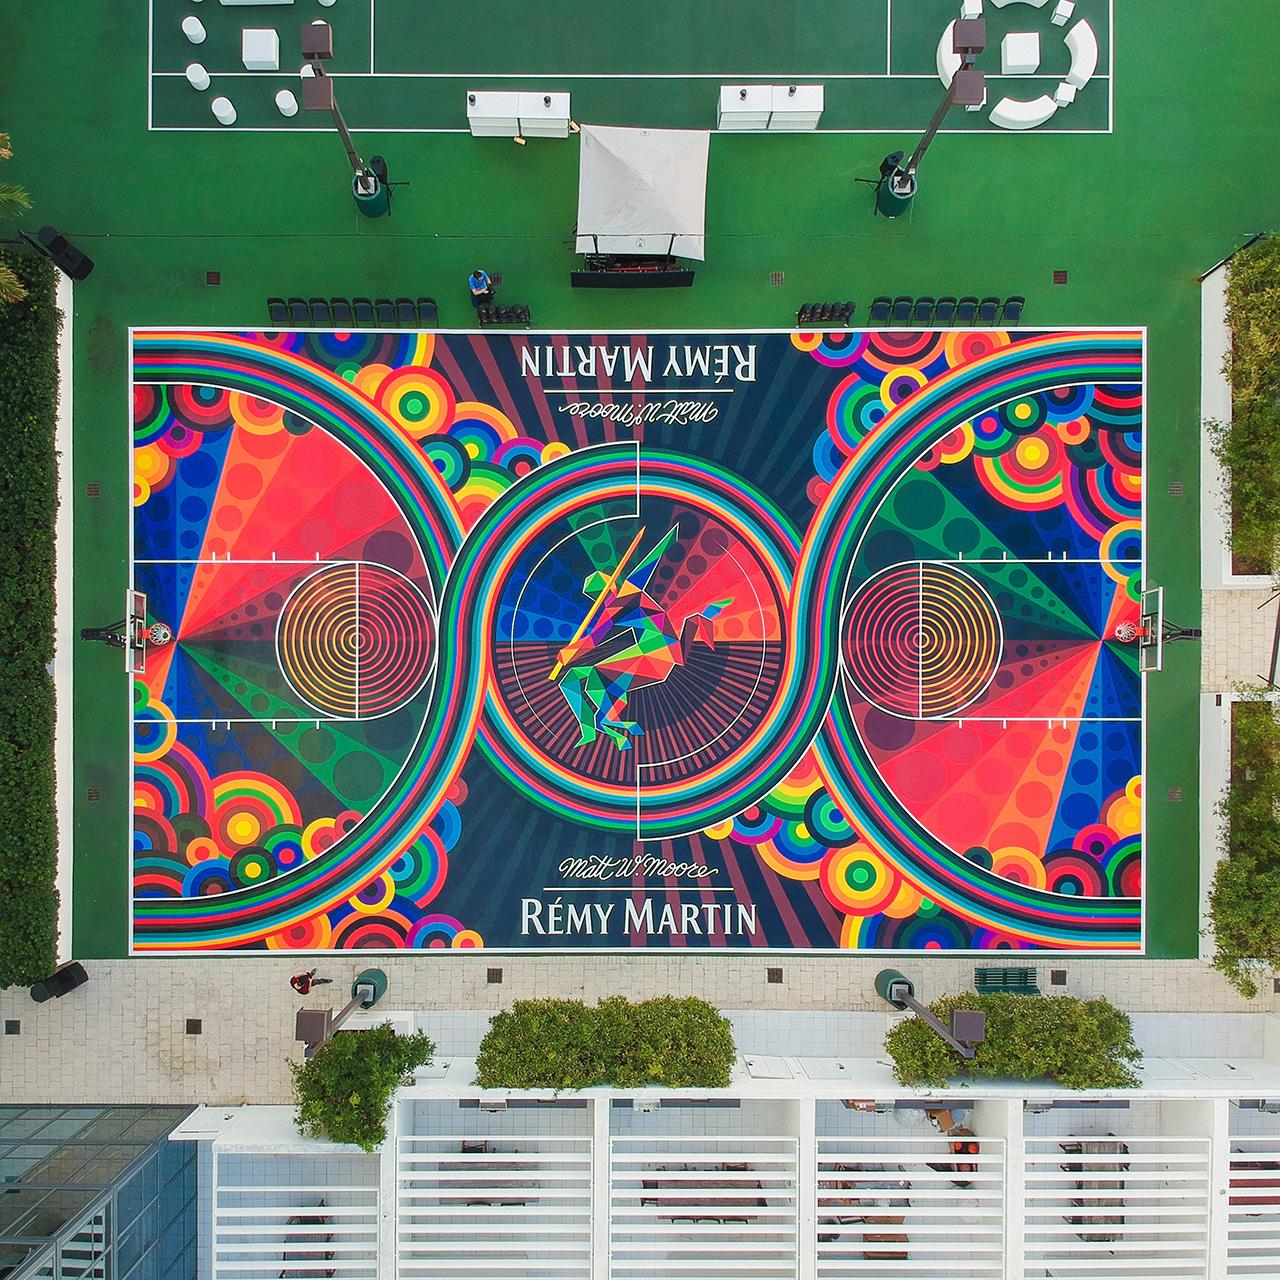 Timeless Basketball Court Art by Matt W. Moore